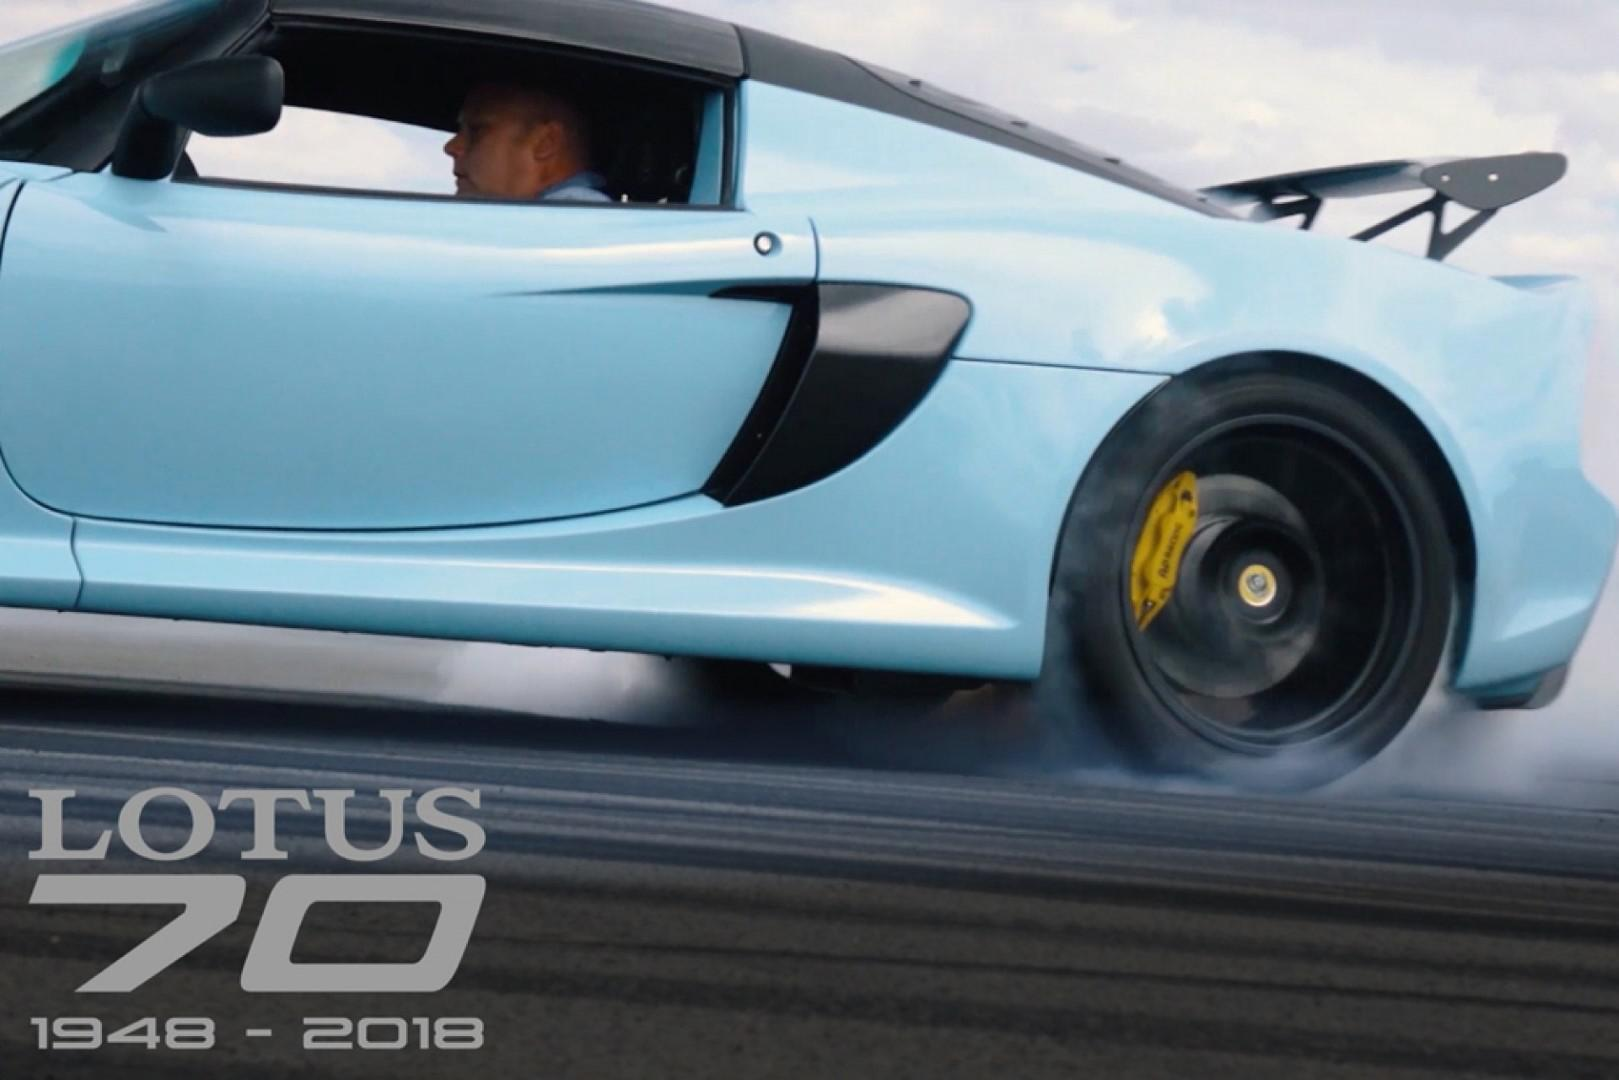 Une vidéo commémorative originale spectaculaire pour les 70 ans de Lotus !